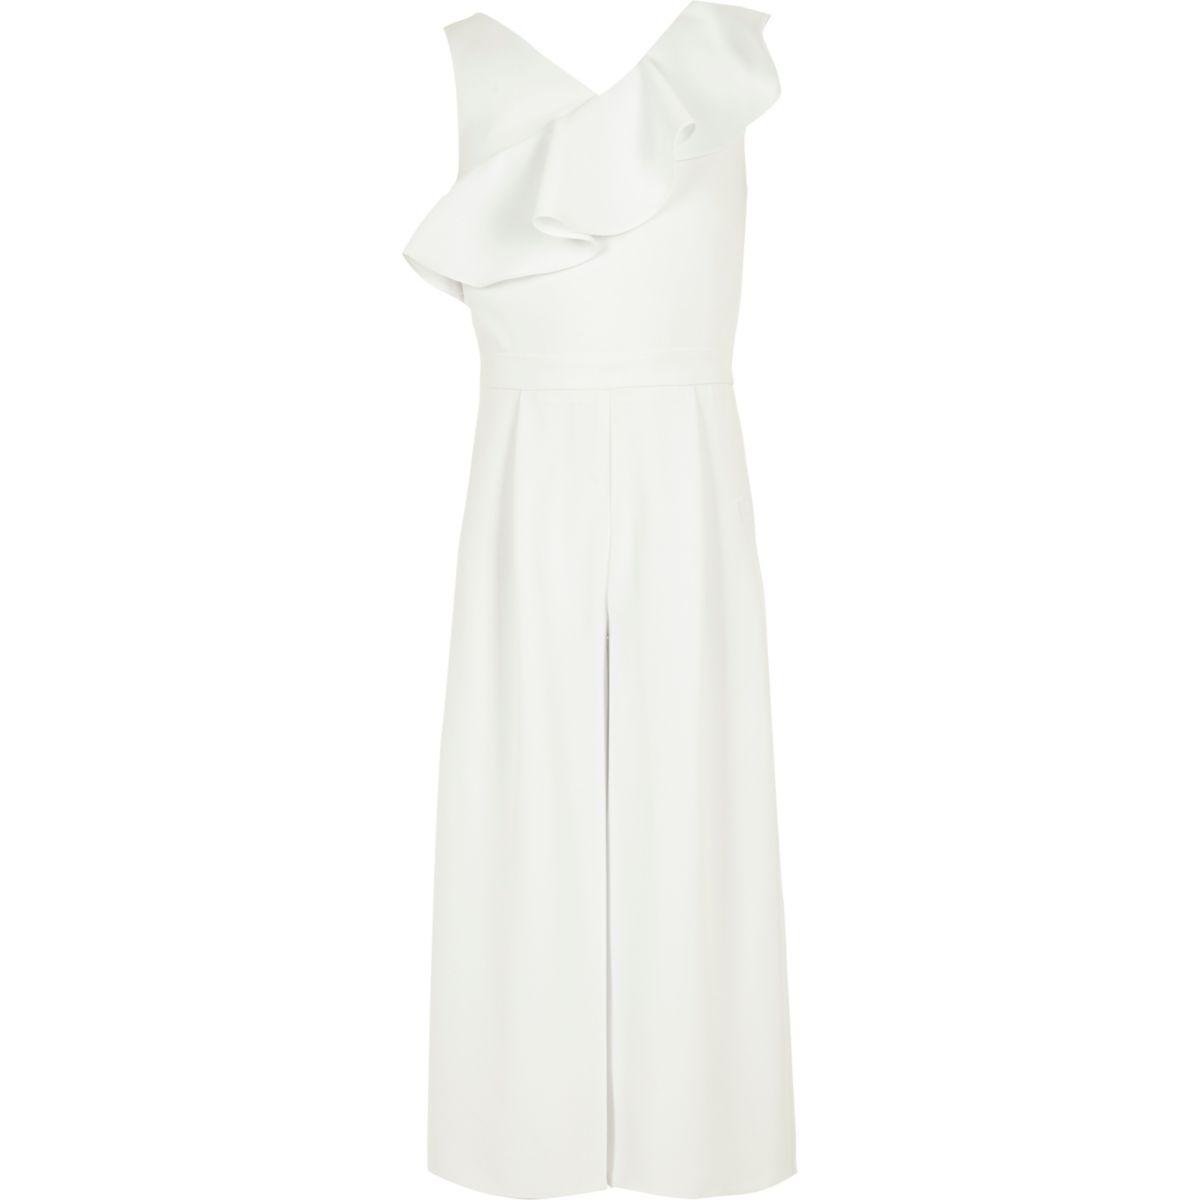 Combinaison jupe-culotte à volants blanche pour fille